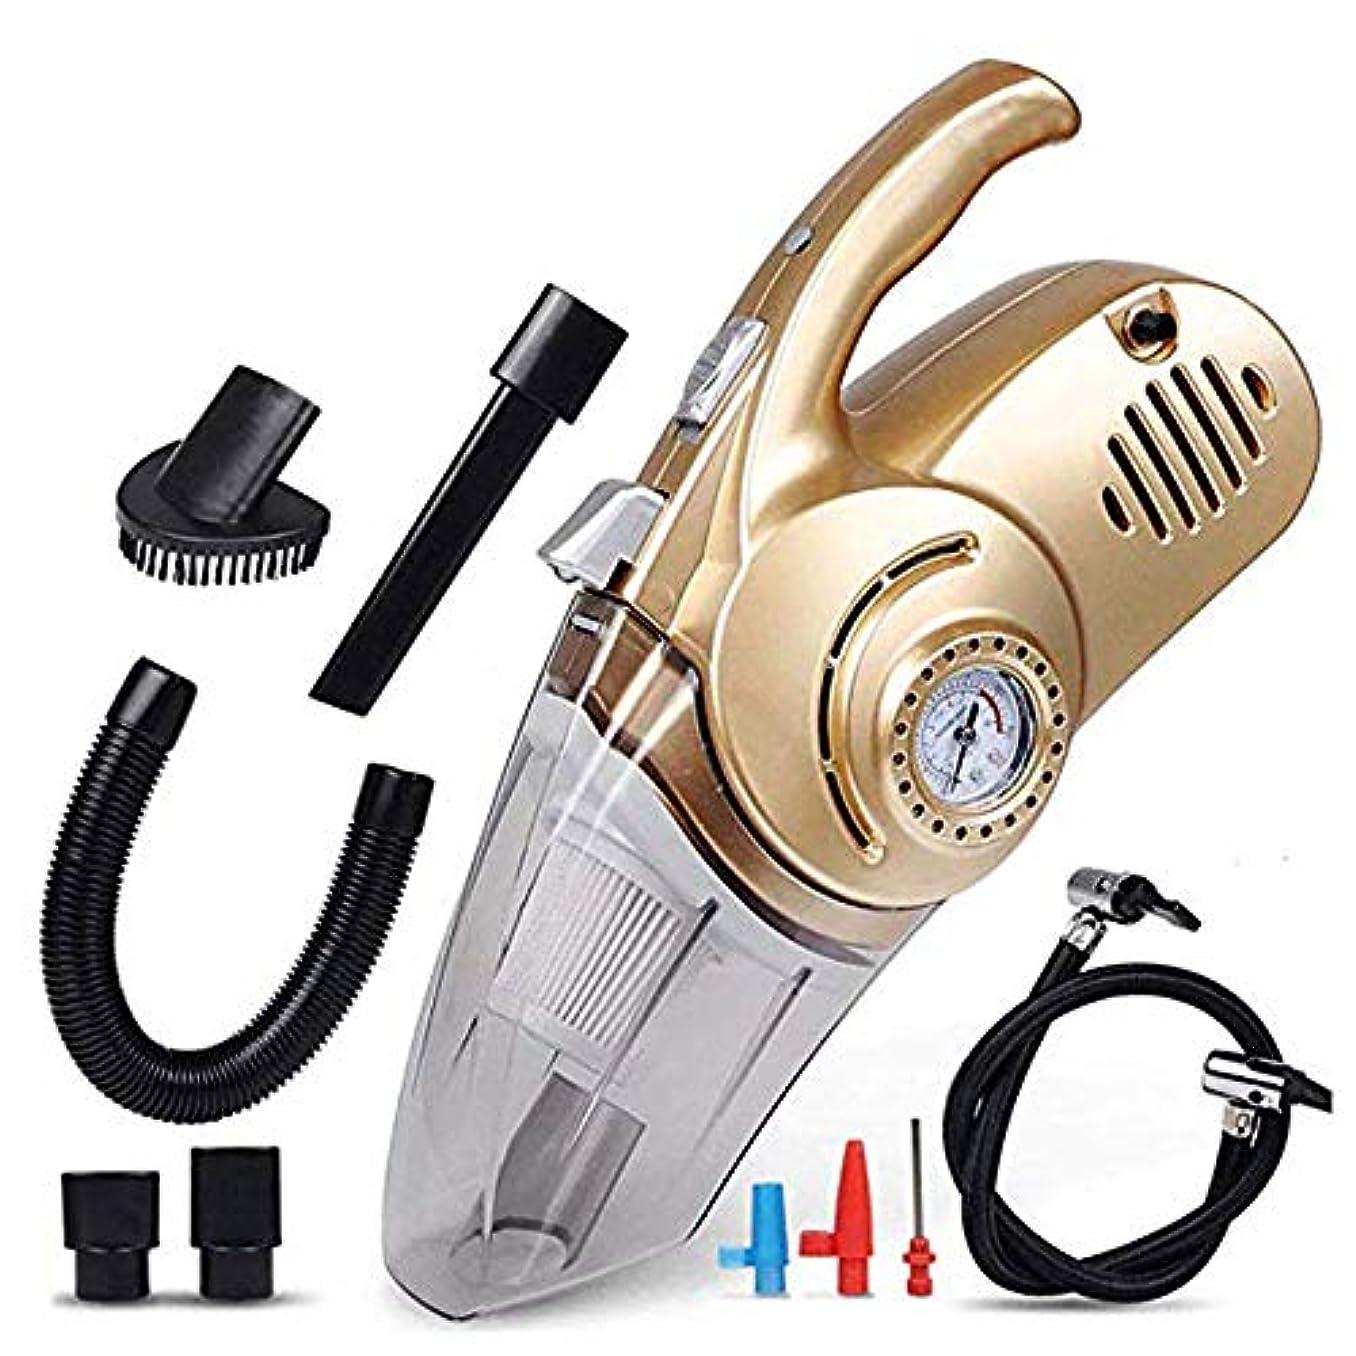 換気する処理密車用掃除機、4 in 1車用エアポンプ12V乾湿両方の照明高出力ポータブルハンドヘルドミュート家庭、床、カーペット、人のペットの髪に最適